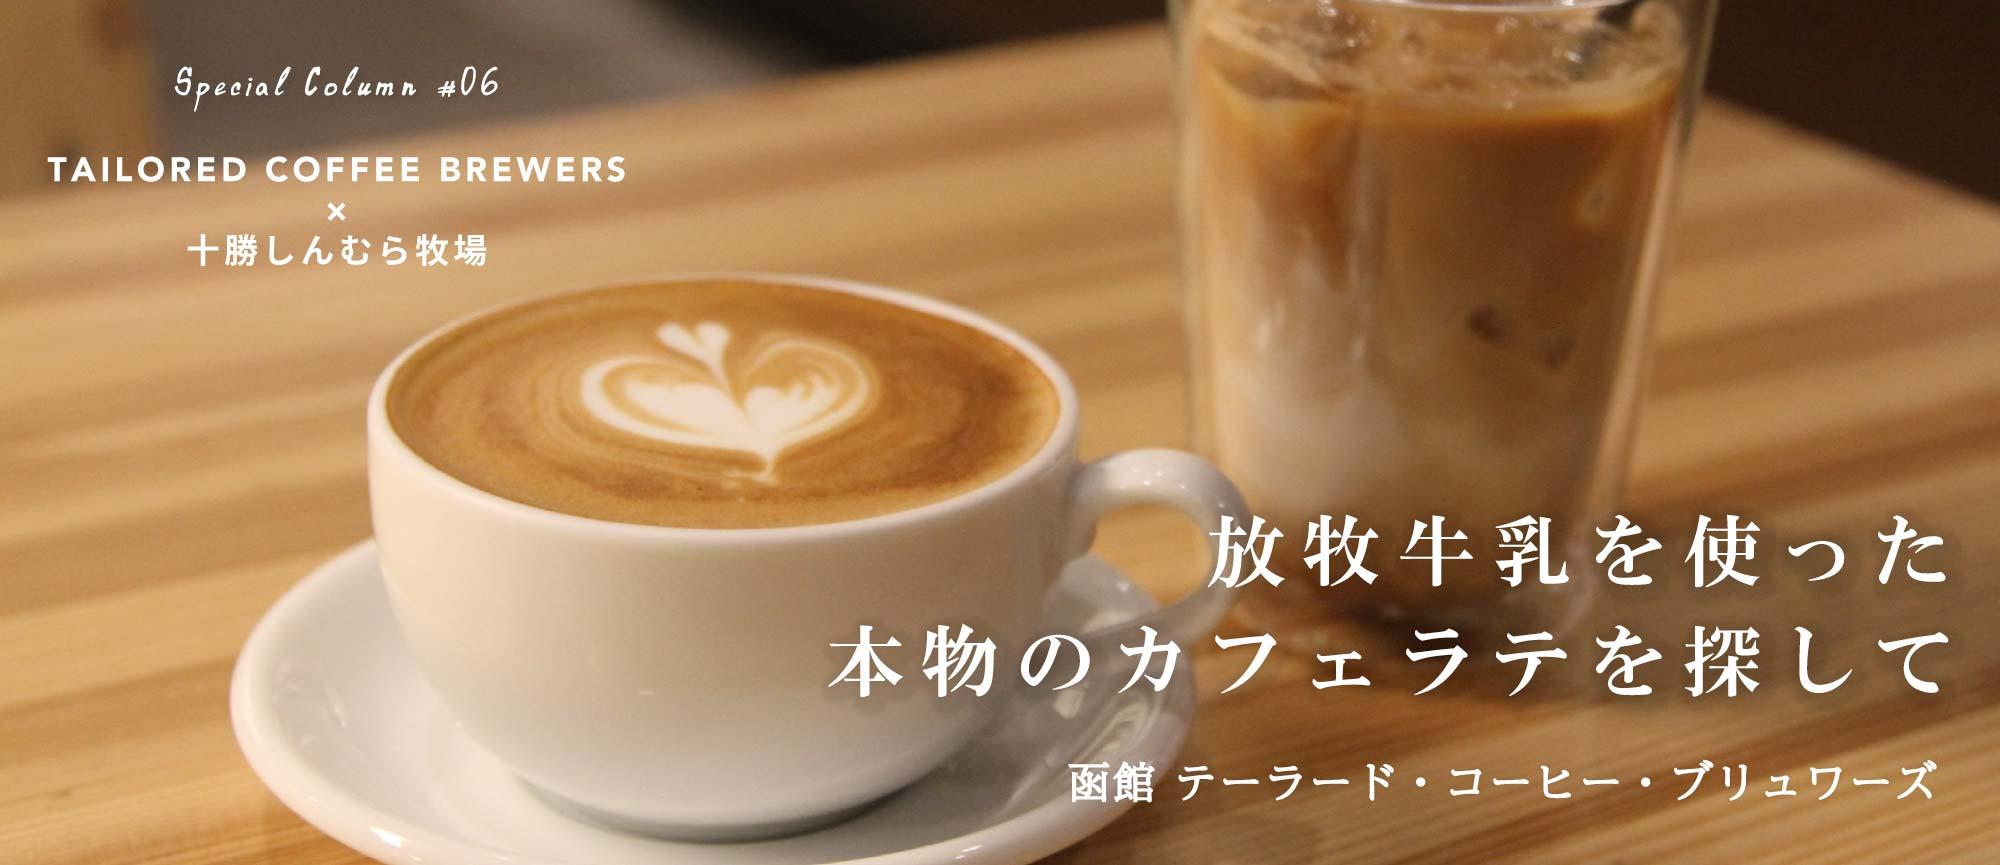 放牧牛乳を使った本物のカフェラテを探して〜函館テーラードコーヒーブリュワーズ